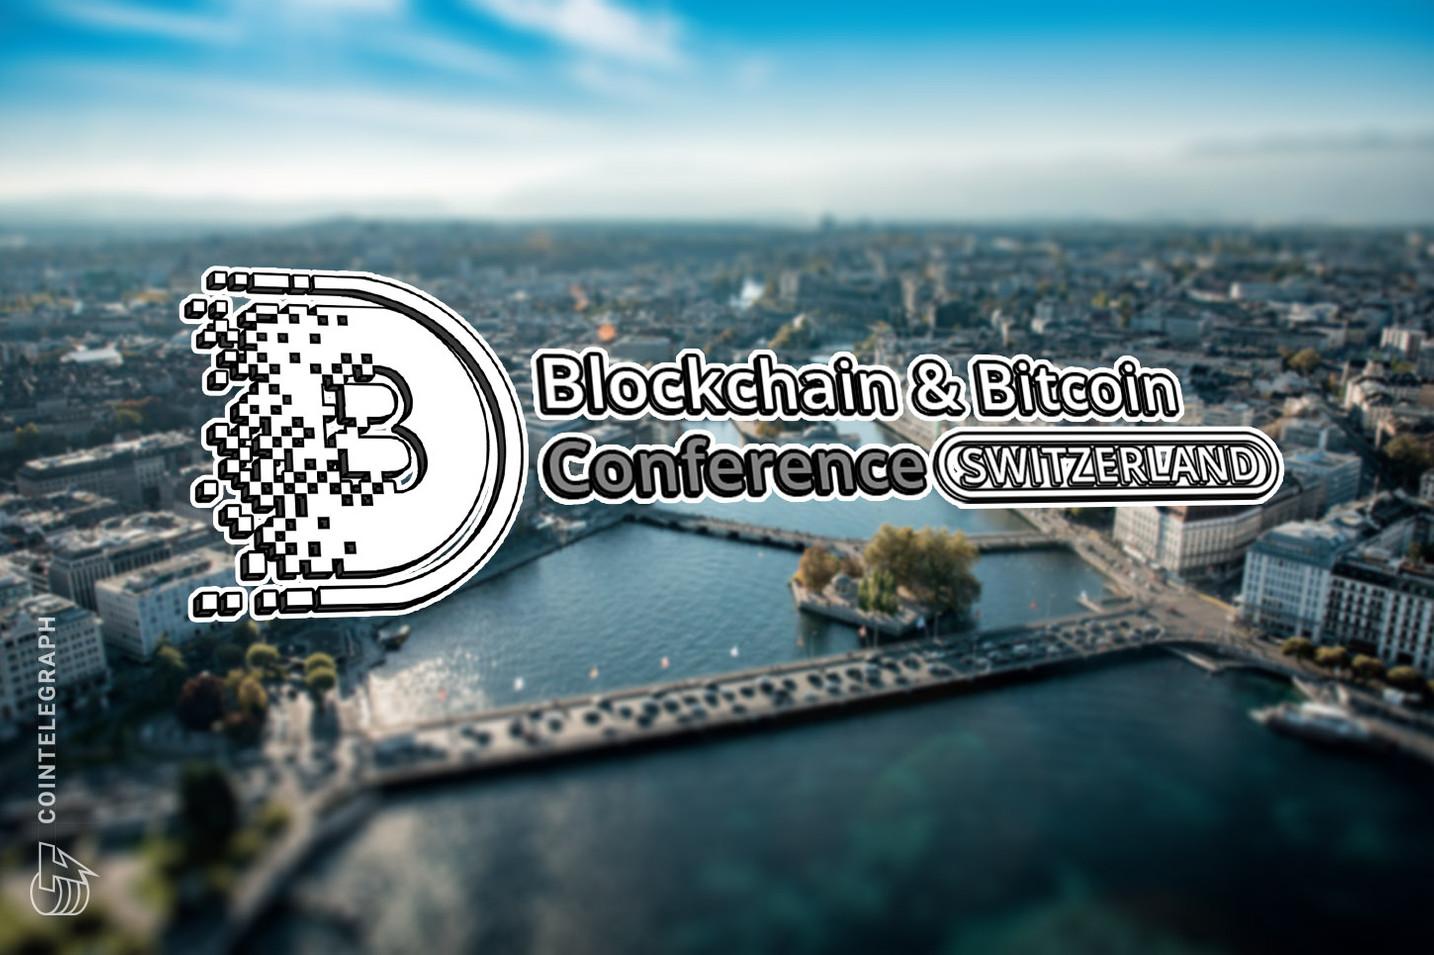 Blockchain & Bitcoin Conference Switzerland versammelt internationales Krypto-Knowhow in Genf